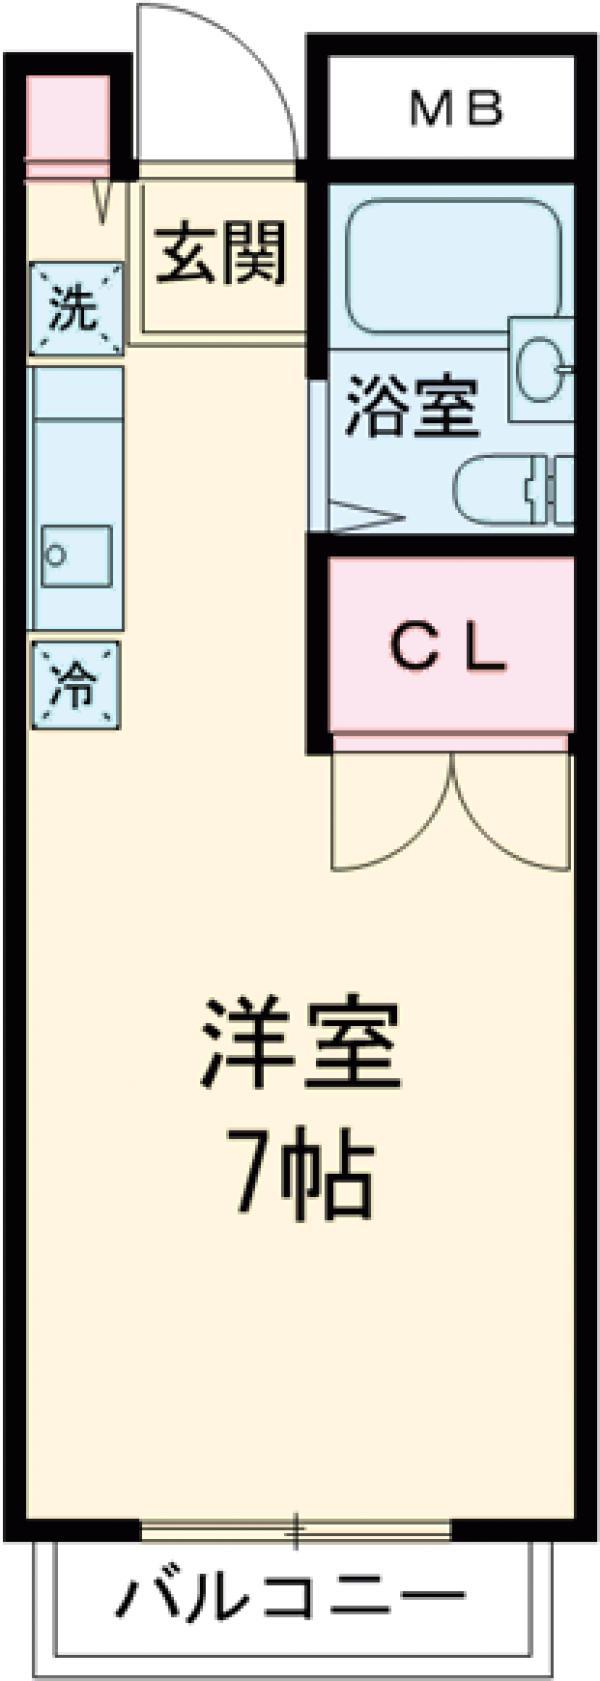 エルム高幡A棟 108号室の間取り